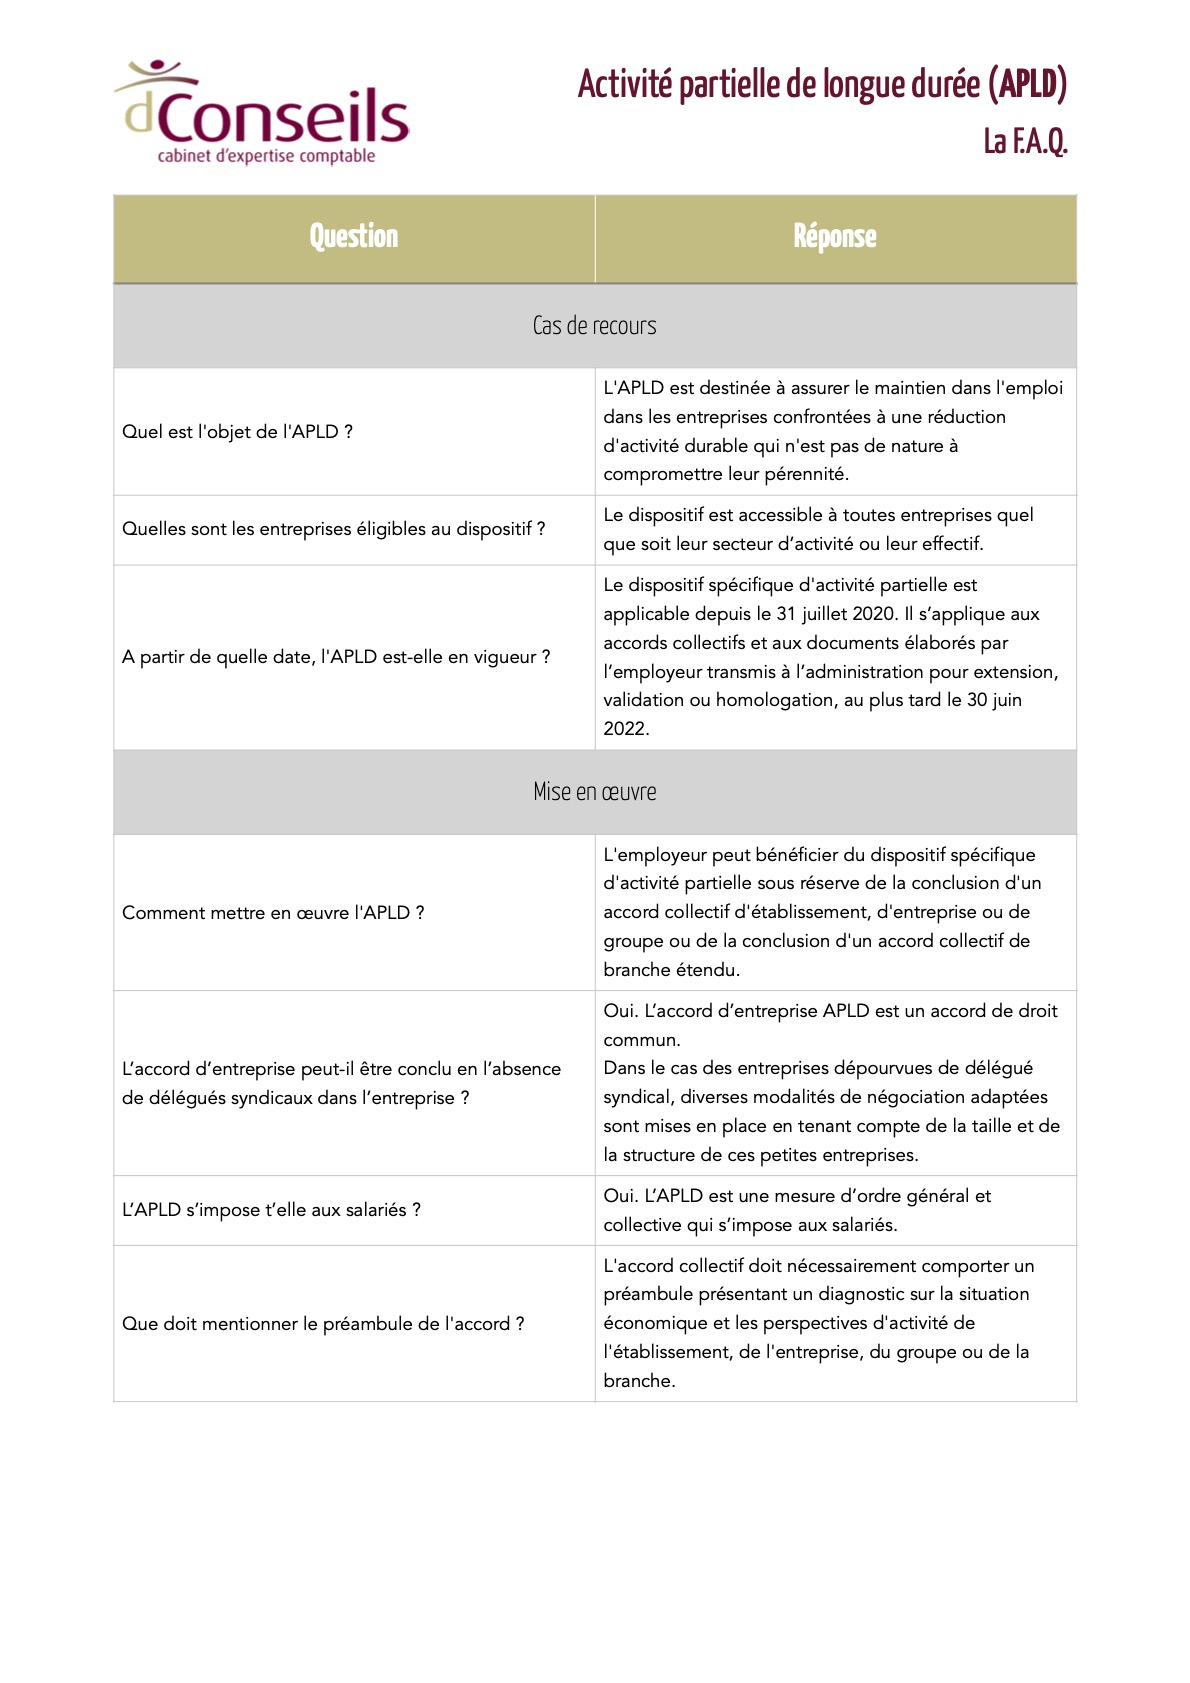 Activité partielle de longue durée - la F.A.Q. - 1ère page